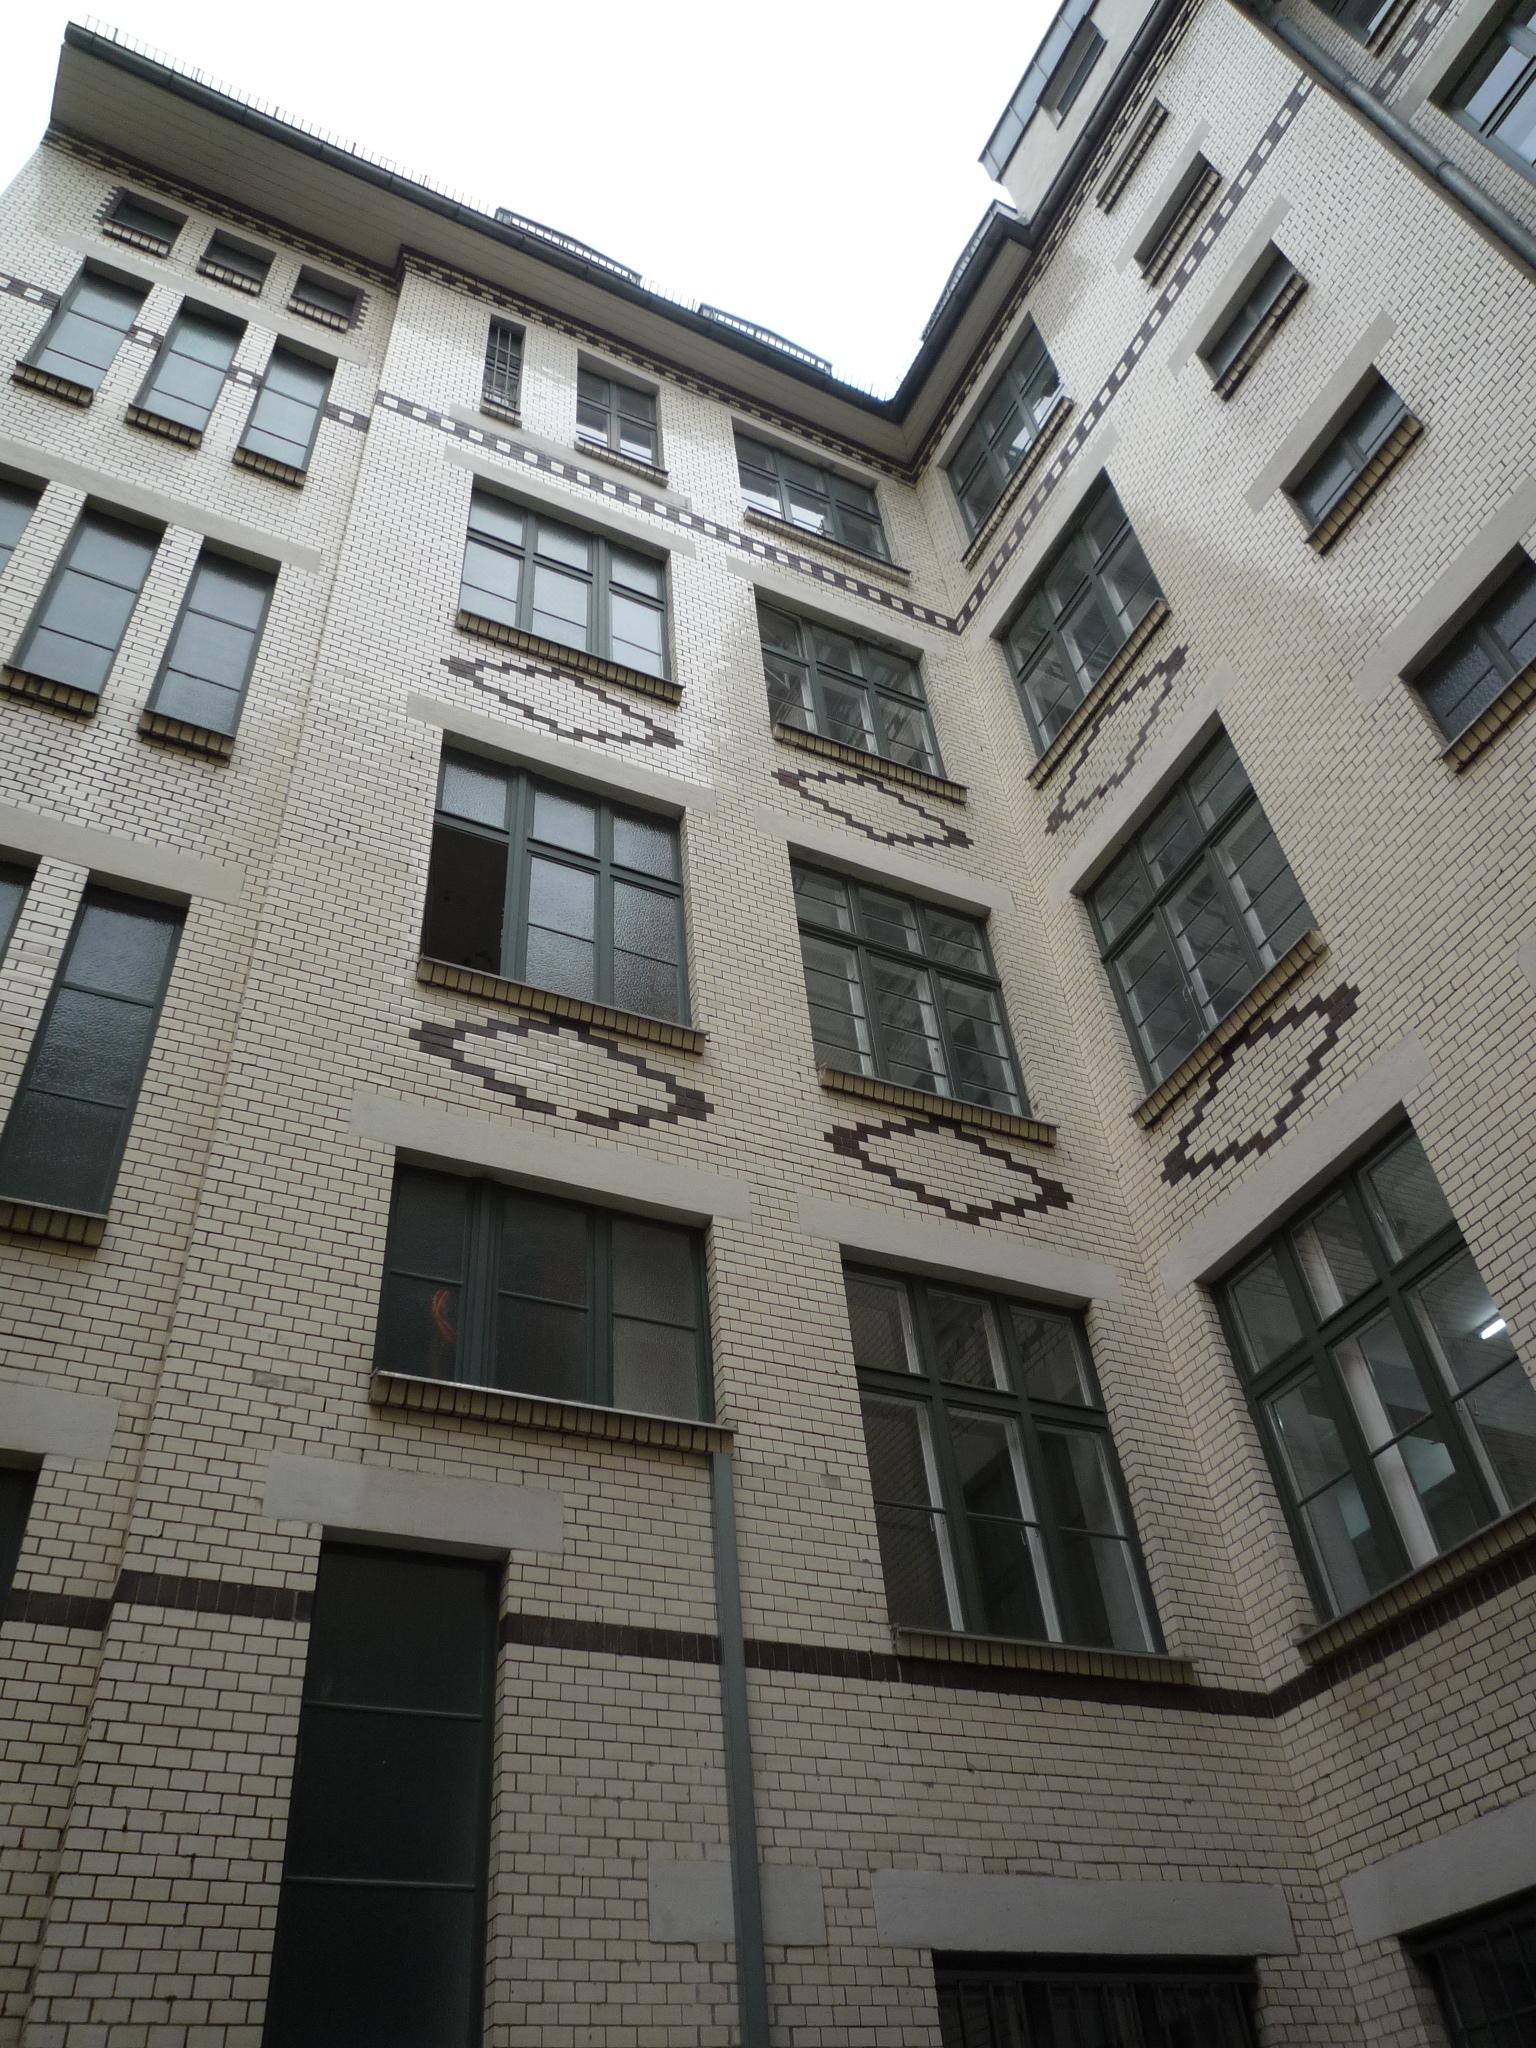 LIGNE ARCHITEKTEN Friedrichstraße 02.JPG